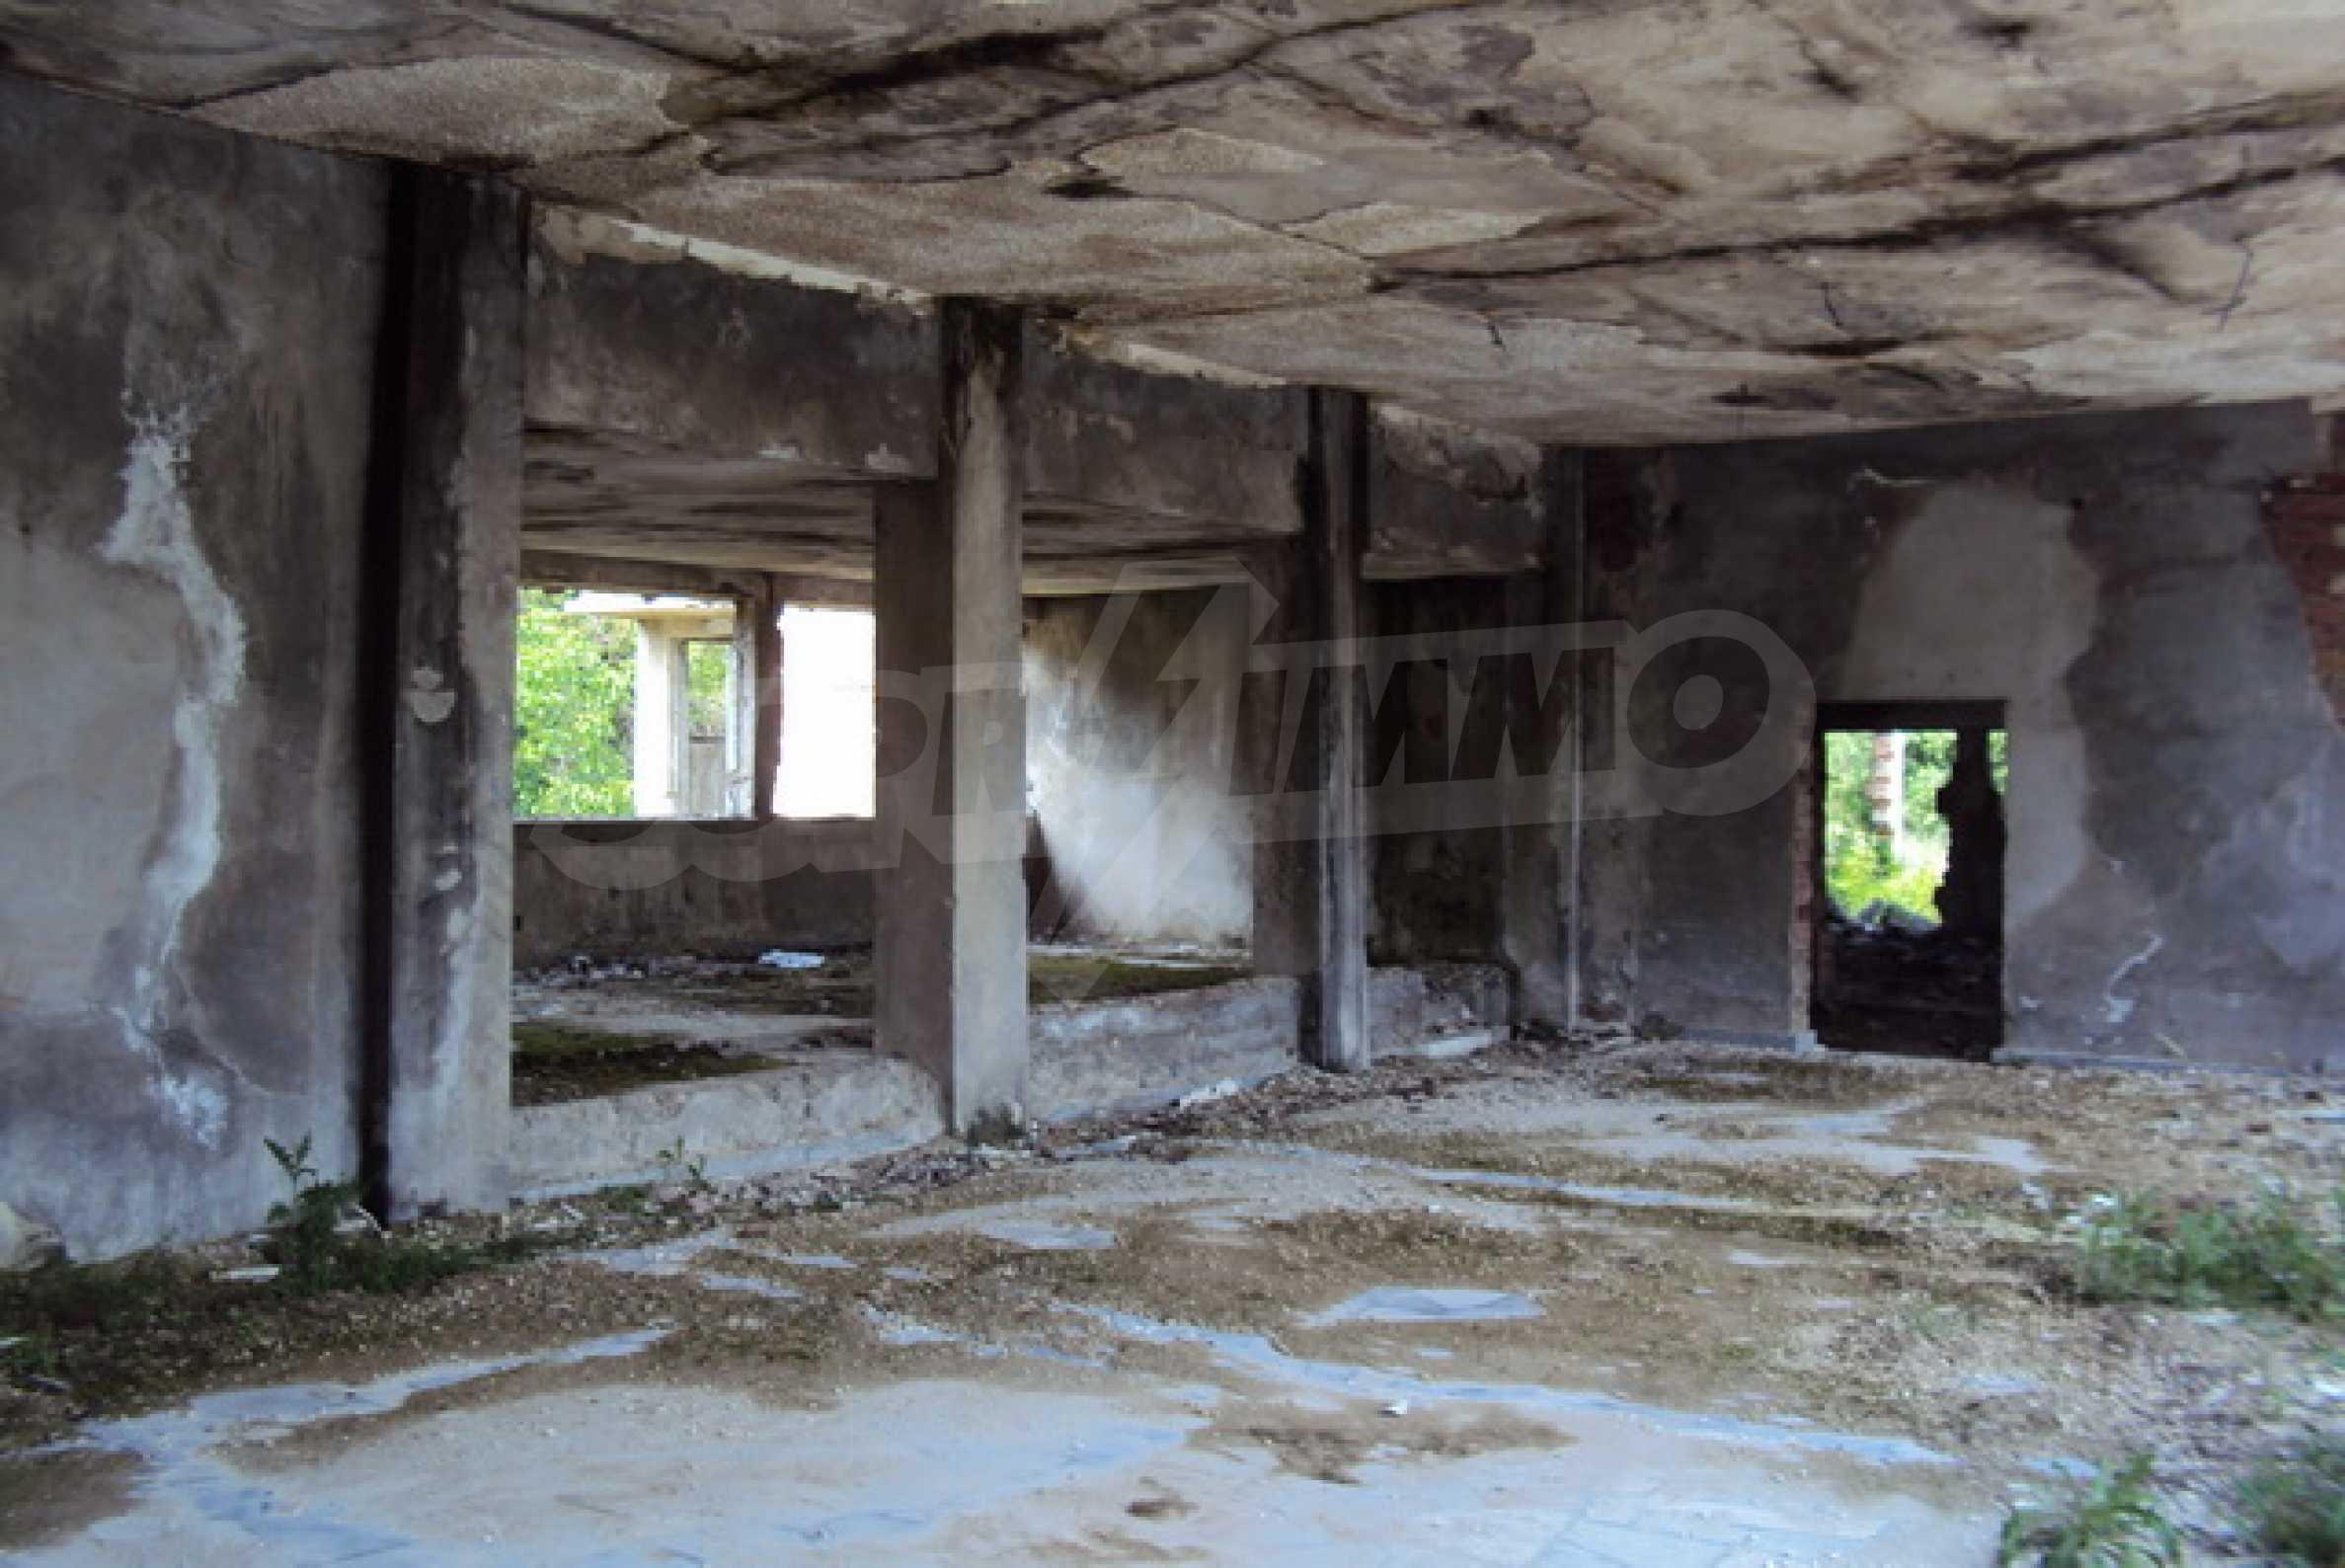 Продажа отеля/комплекса вблизи г. Велико Тырново 4